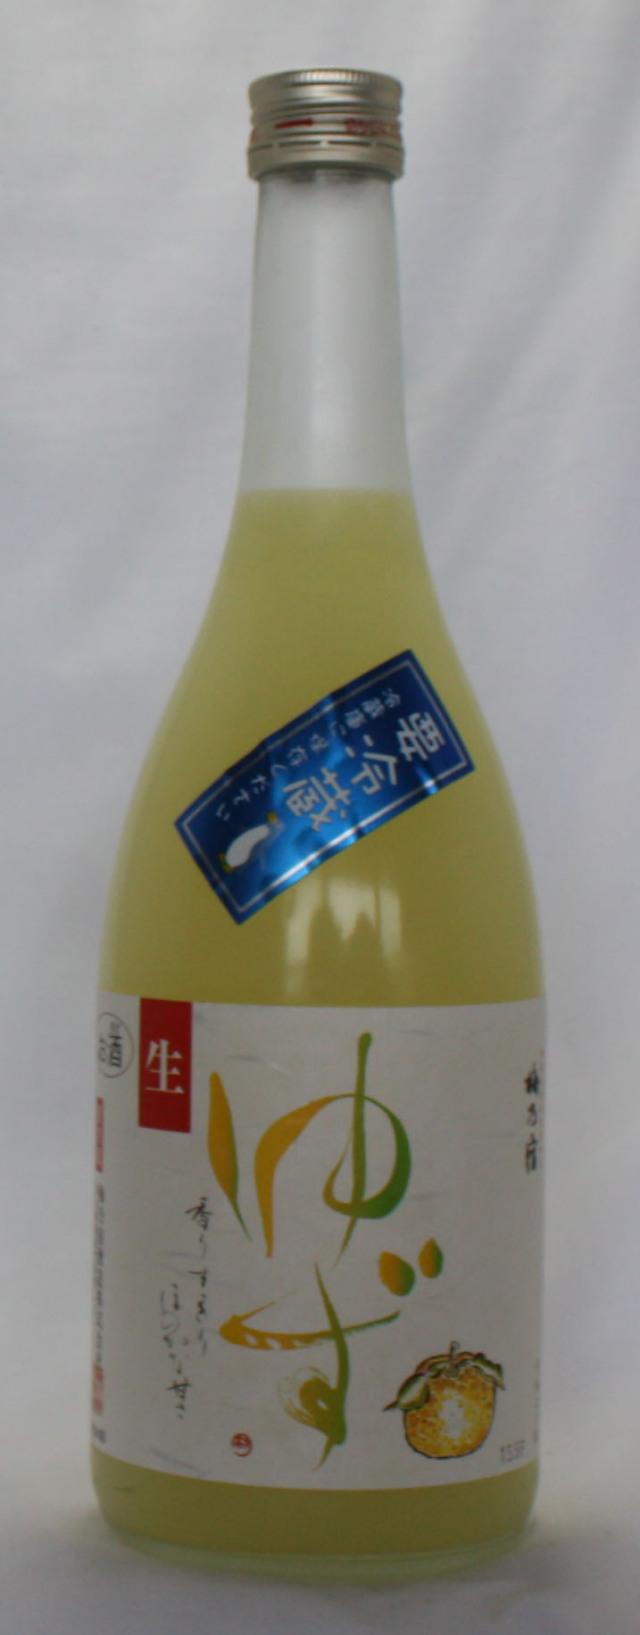 クールゆず 720ml 梅の宿酒造 生ゆず酒 季節限定 通販